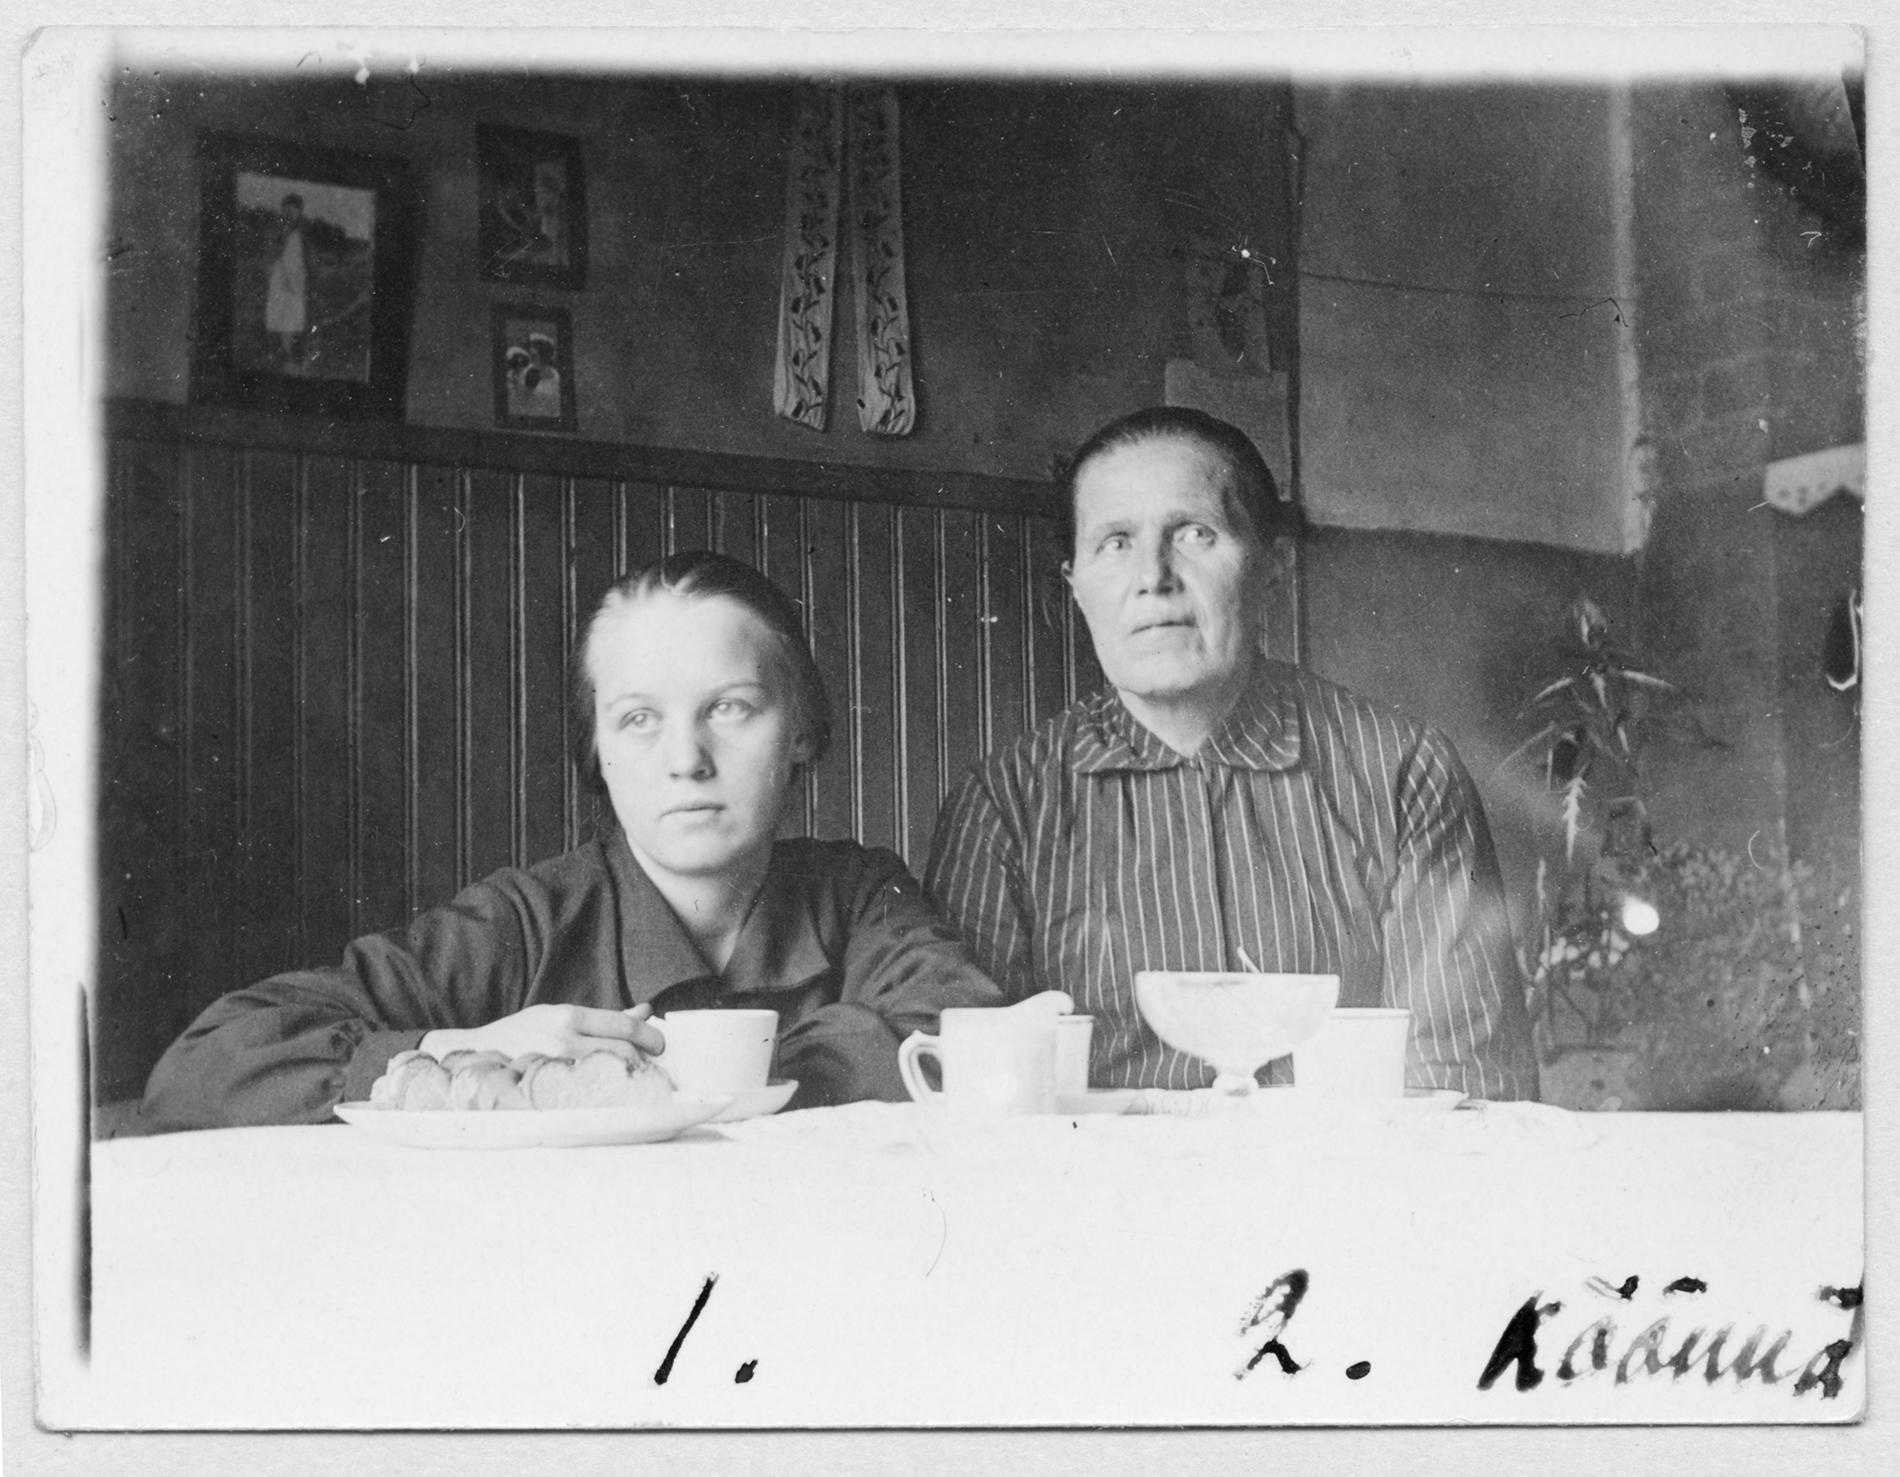 Kerääjä Naimi Kinnunen ja kertoja Maria Rautainen Paavolasta. Kuva on saatu arkistoon vuonna 1937. SKS KRA. Kuvaaja tuntematon.